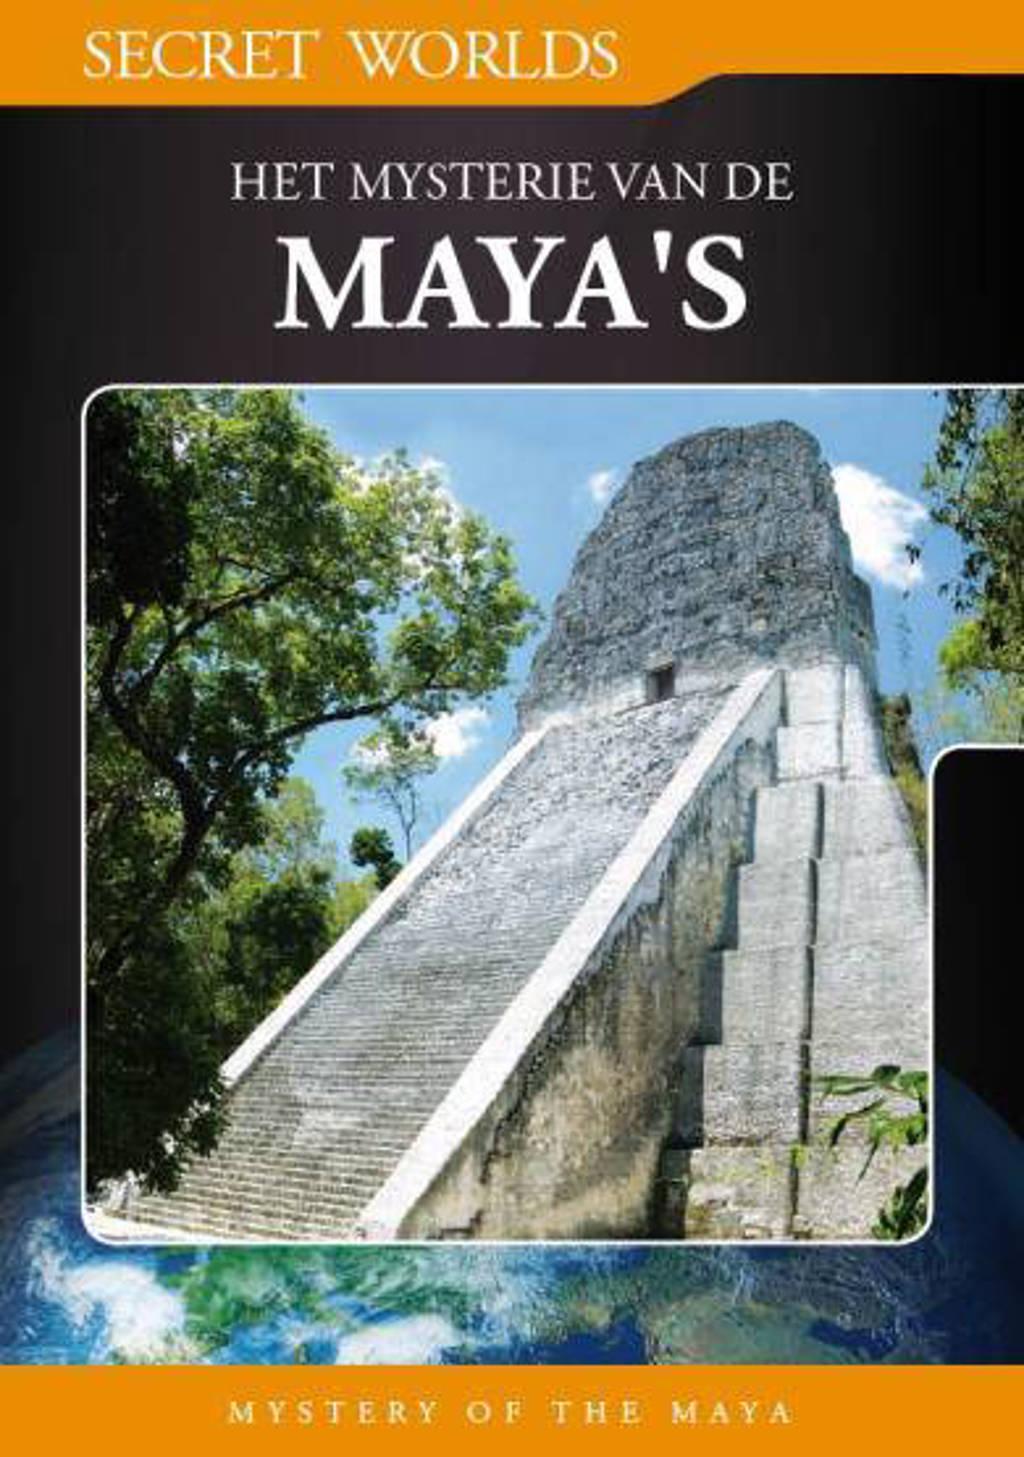 Secret worlds - Het mysterie van de Maya's (DVD)